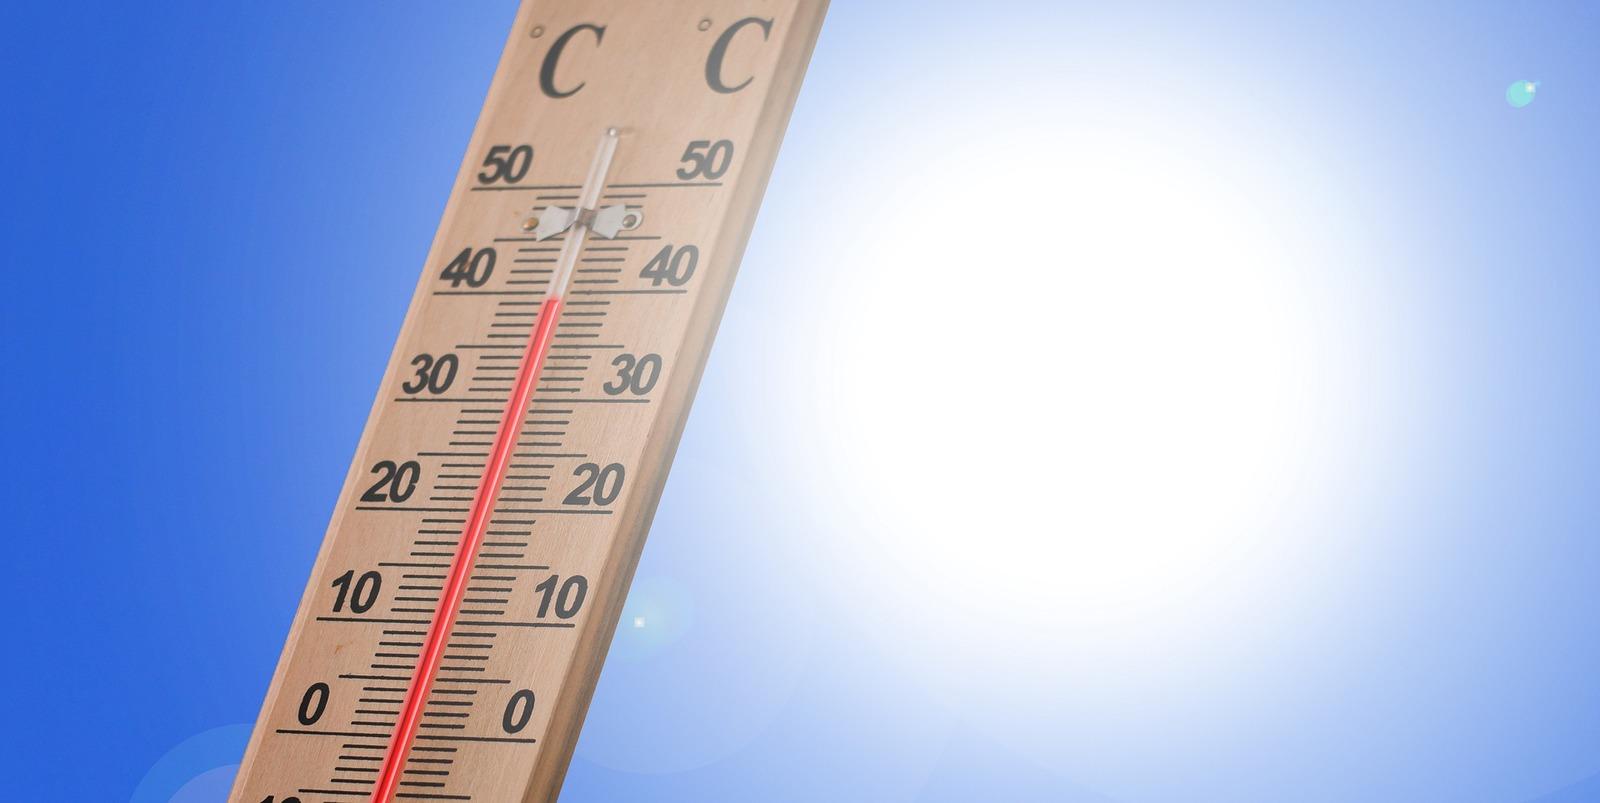 Температура воздуха в Арктике поднялась до 35 градусов - Вечерняя ...